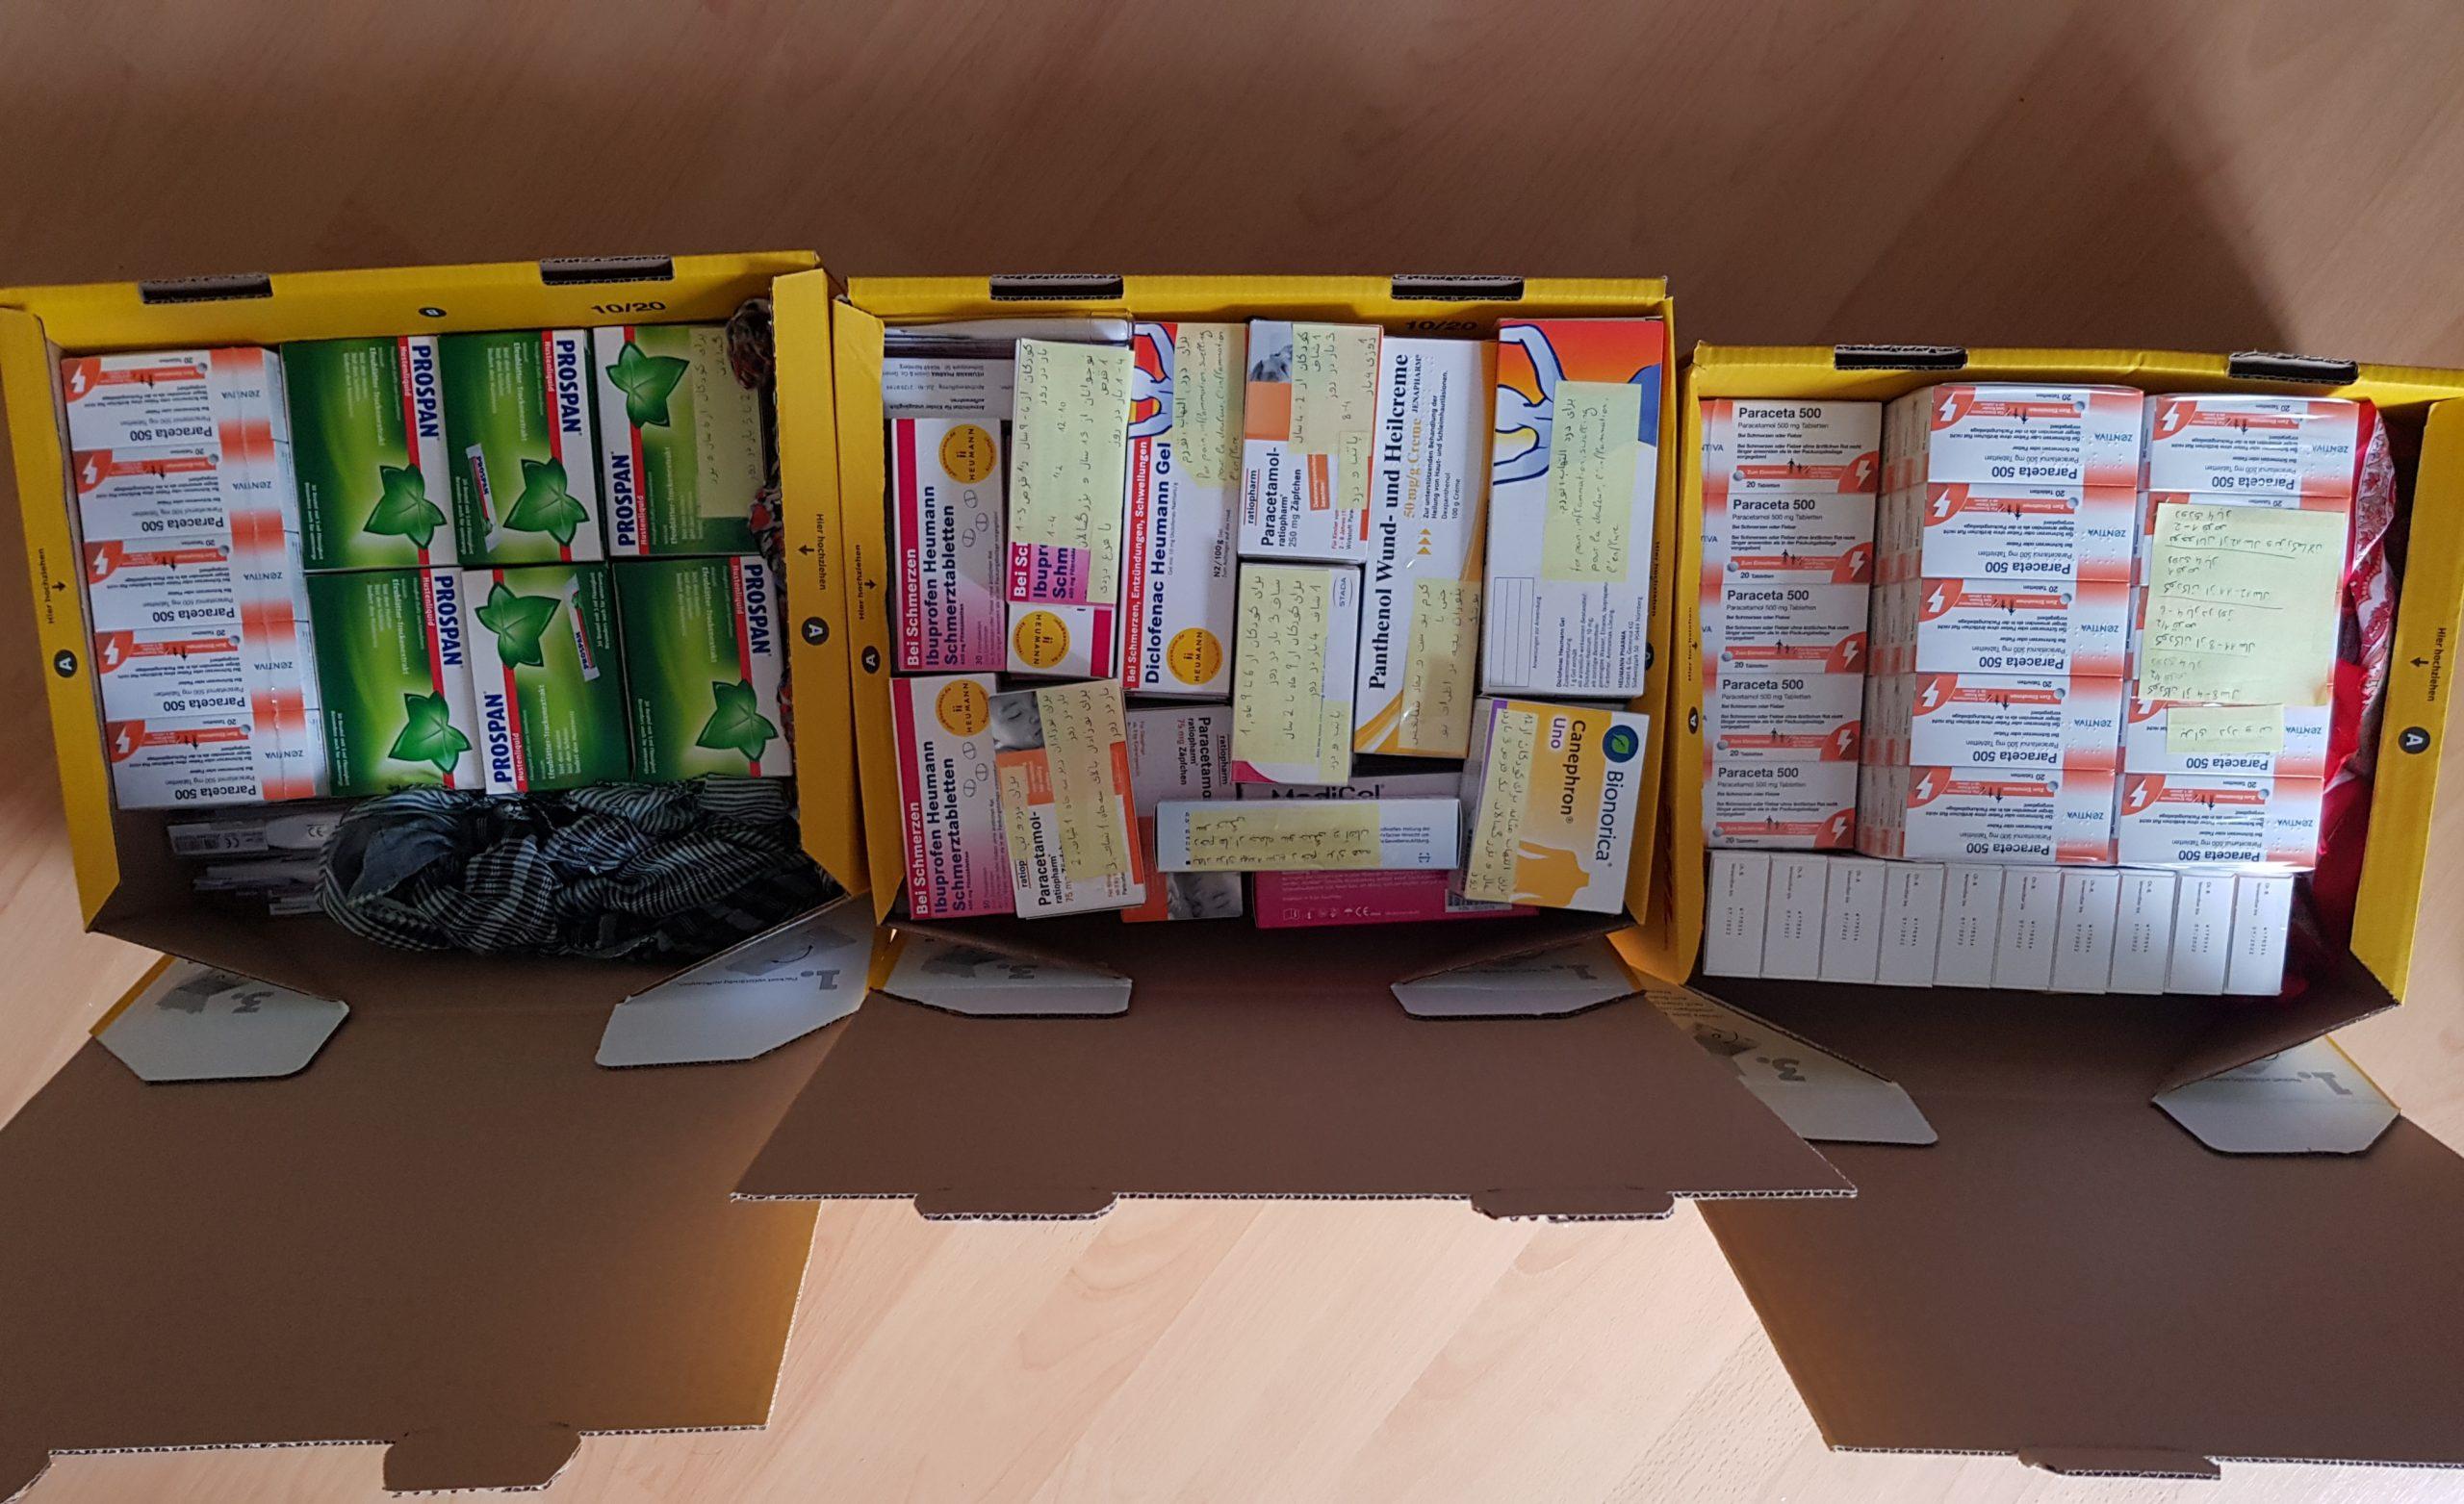 13. Bild: Gepackte und sortierte Pakete mit Post-Its beschriftet.